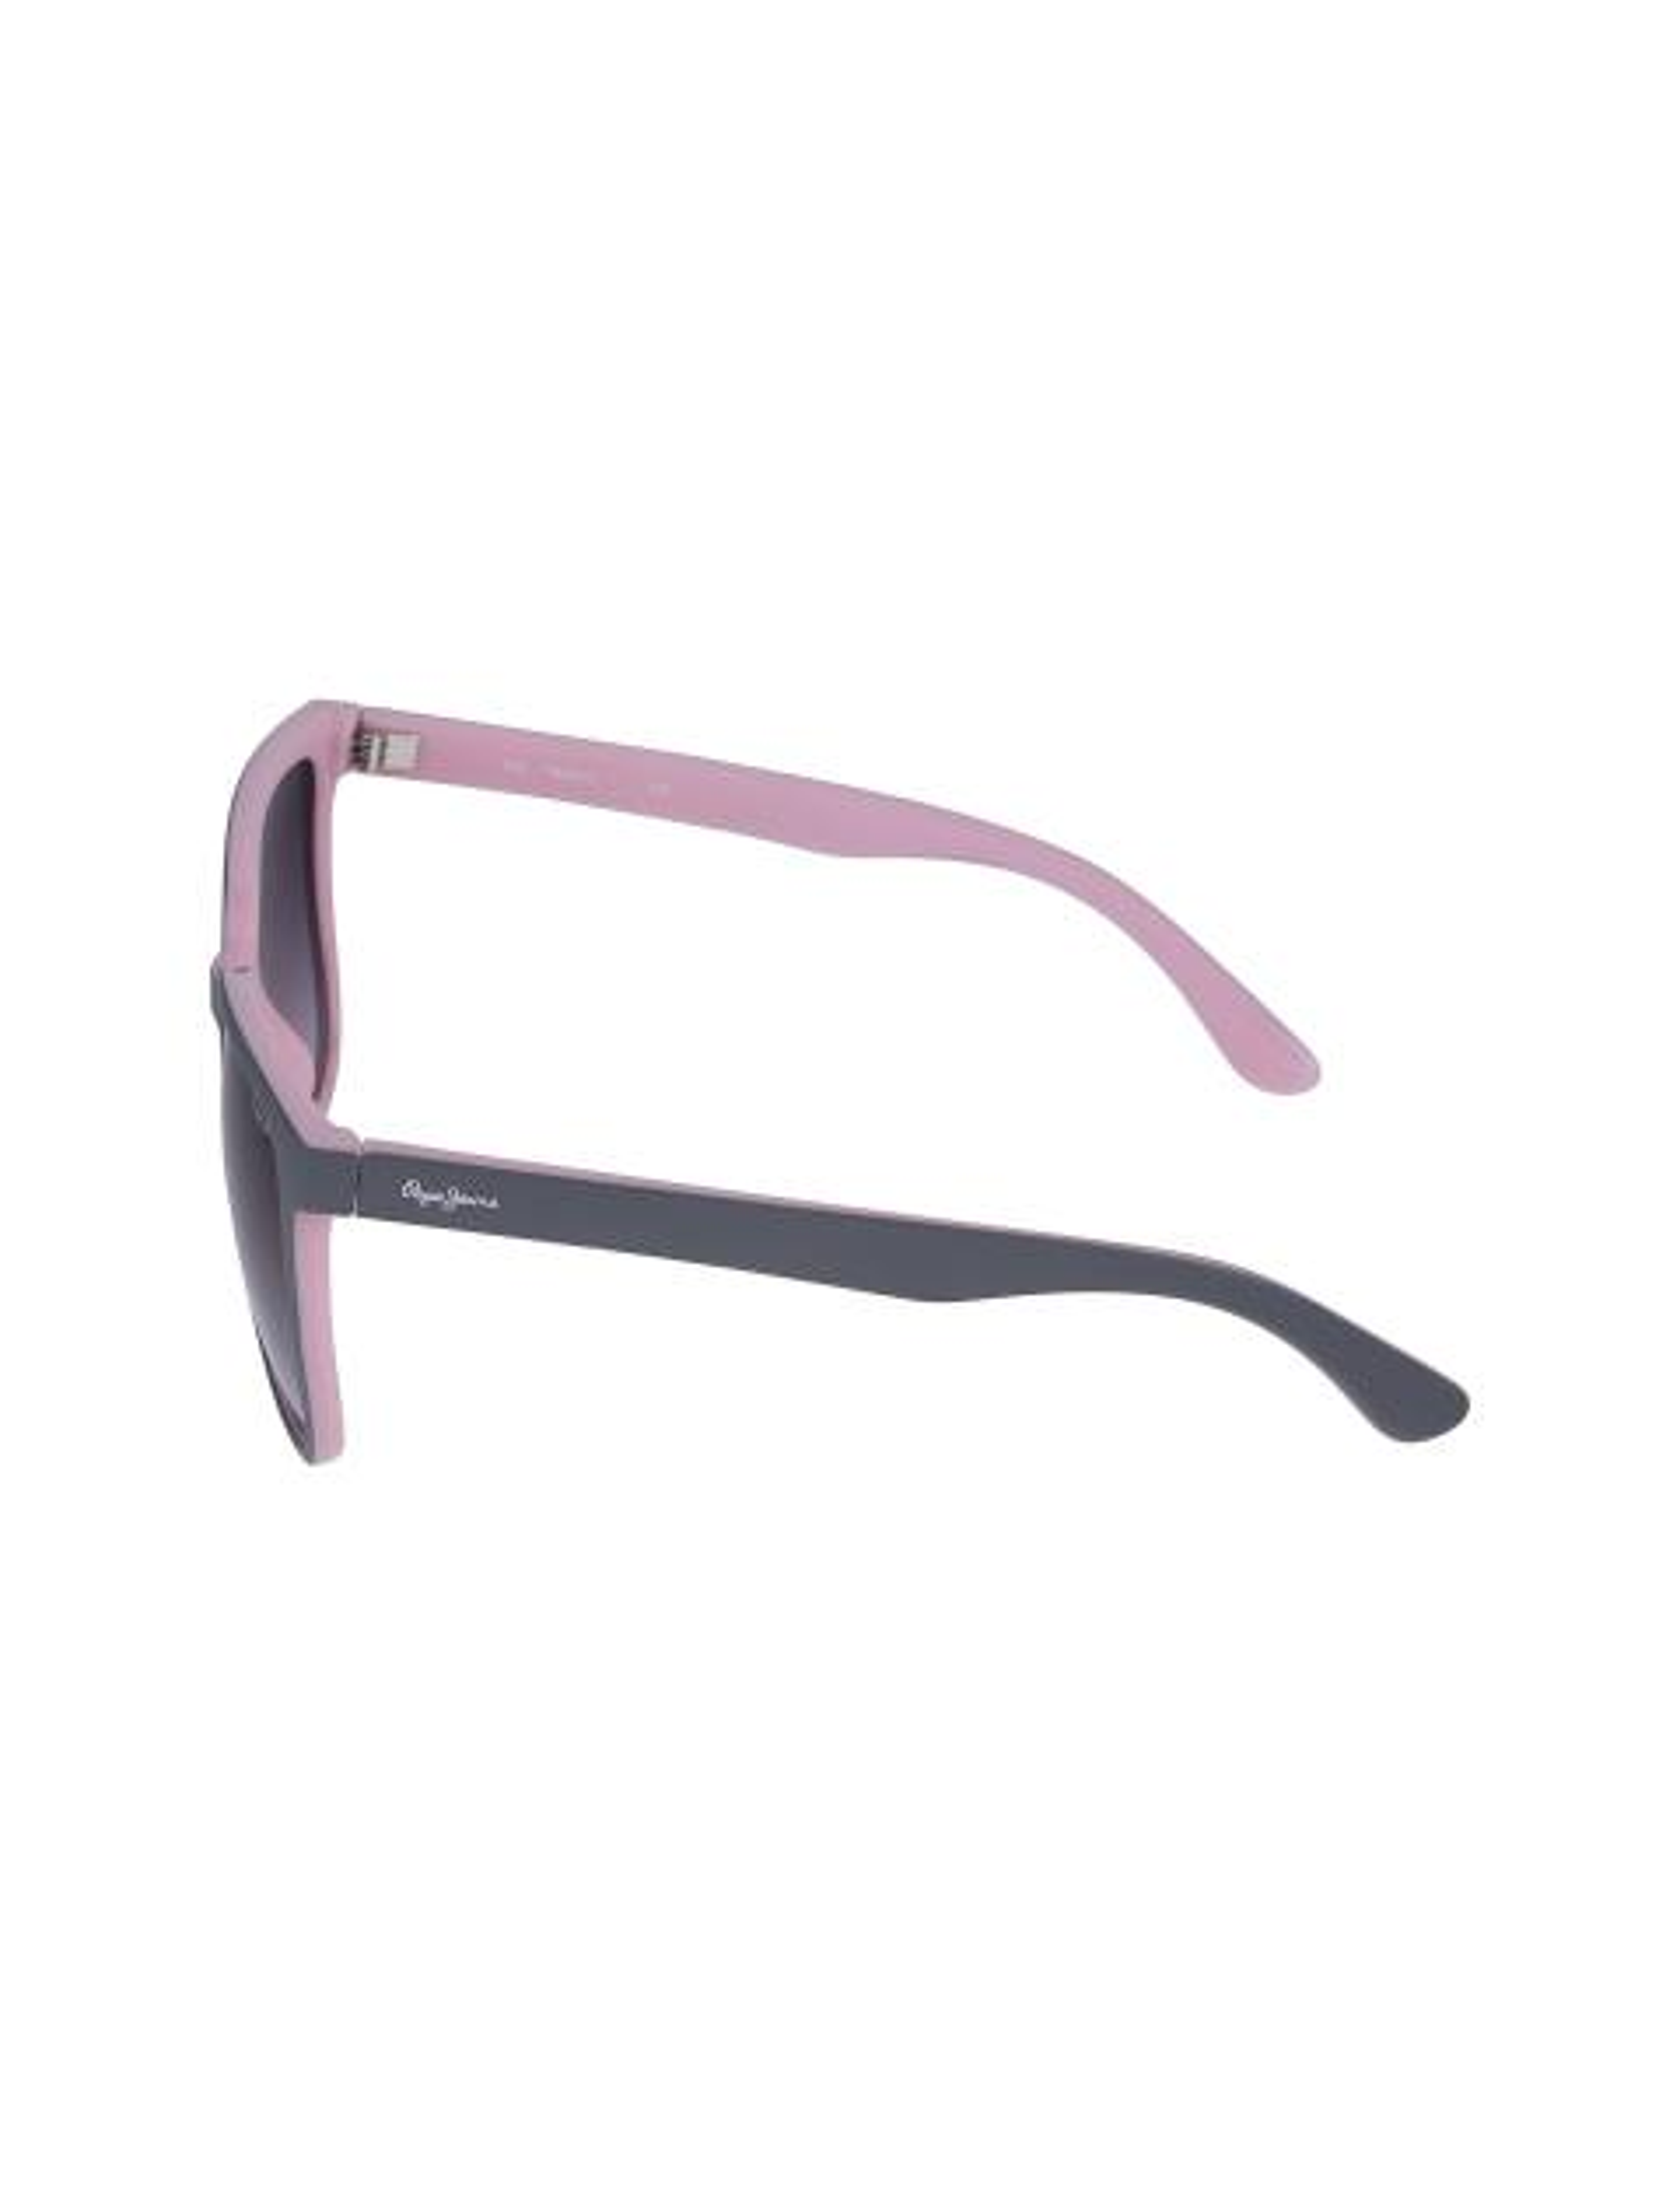 عینک آفتابی ویفرر زنانه - پپه جینز - طوسي - 3